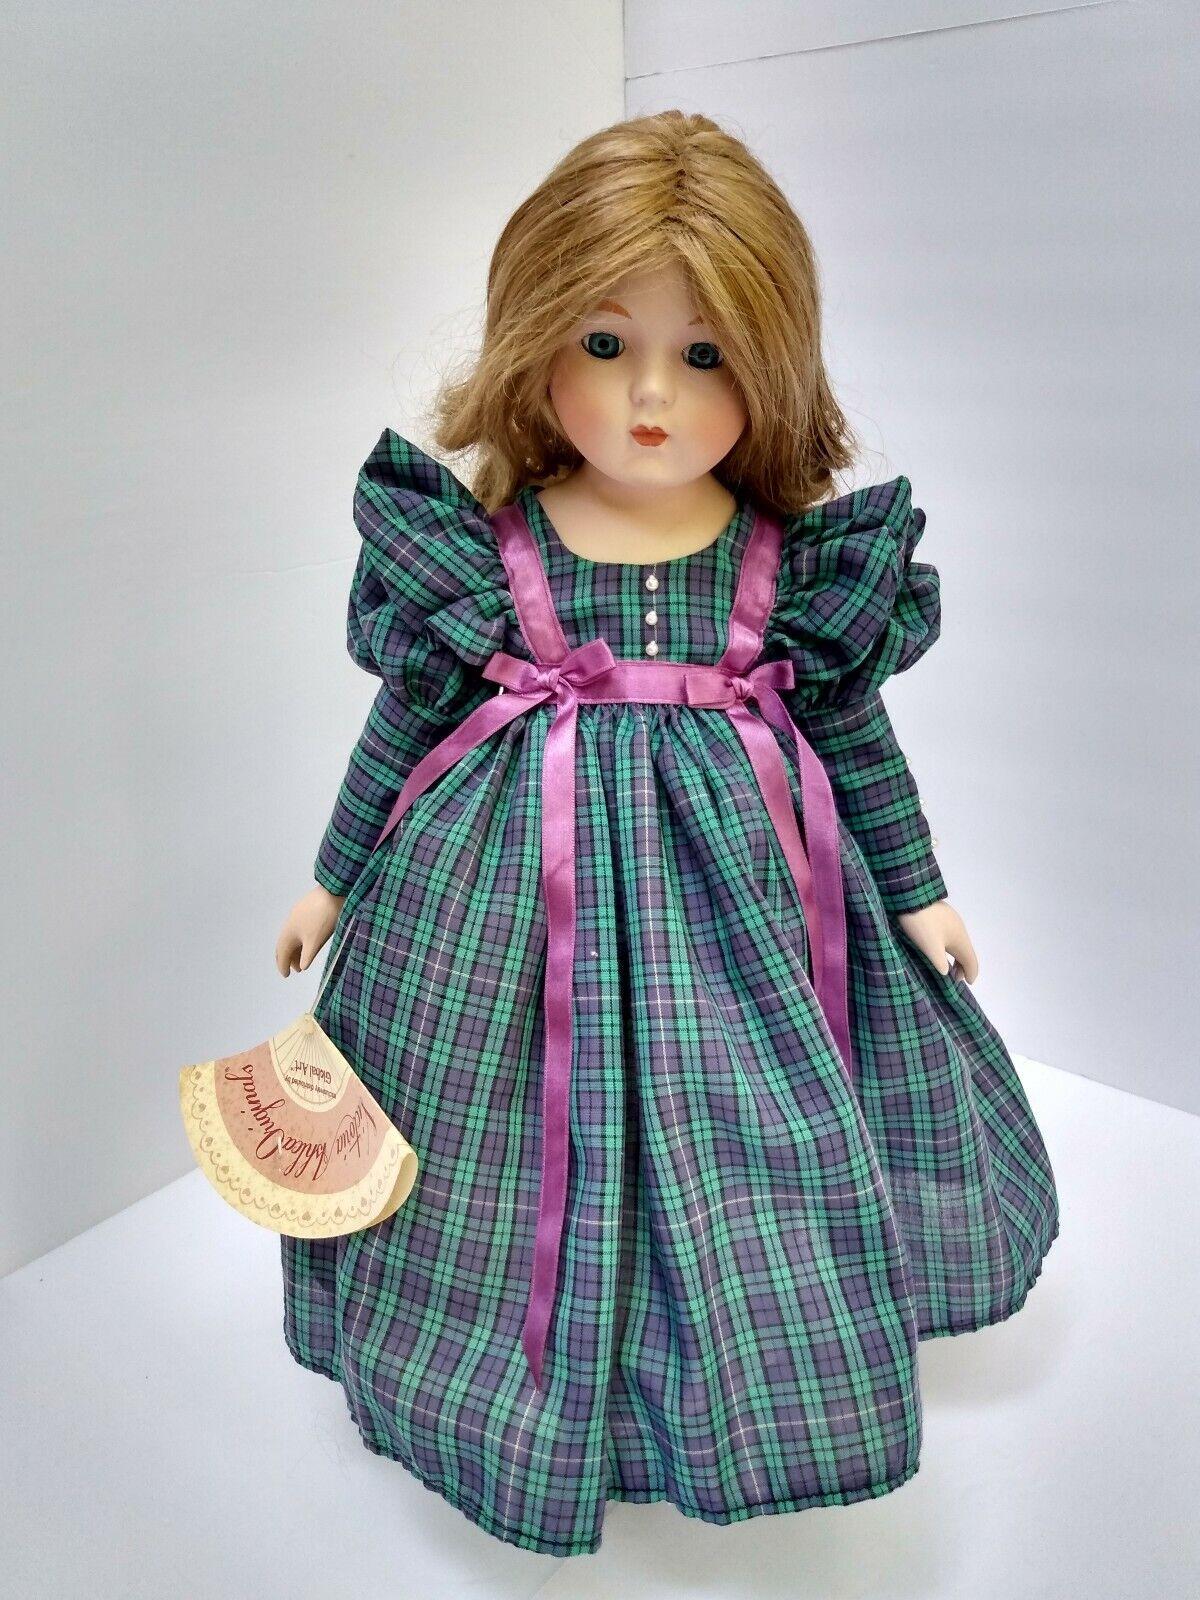 Victoria Ashlea  Original, Musical Porcelain bambola, Millie, Limited edizione  prendiamo i clienti come nostro dio